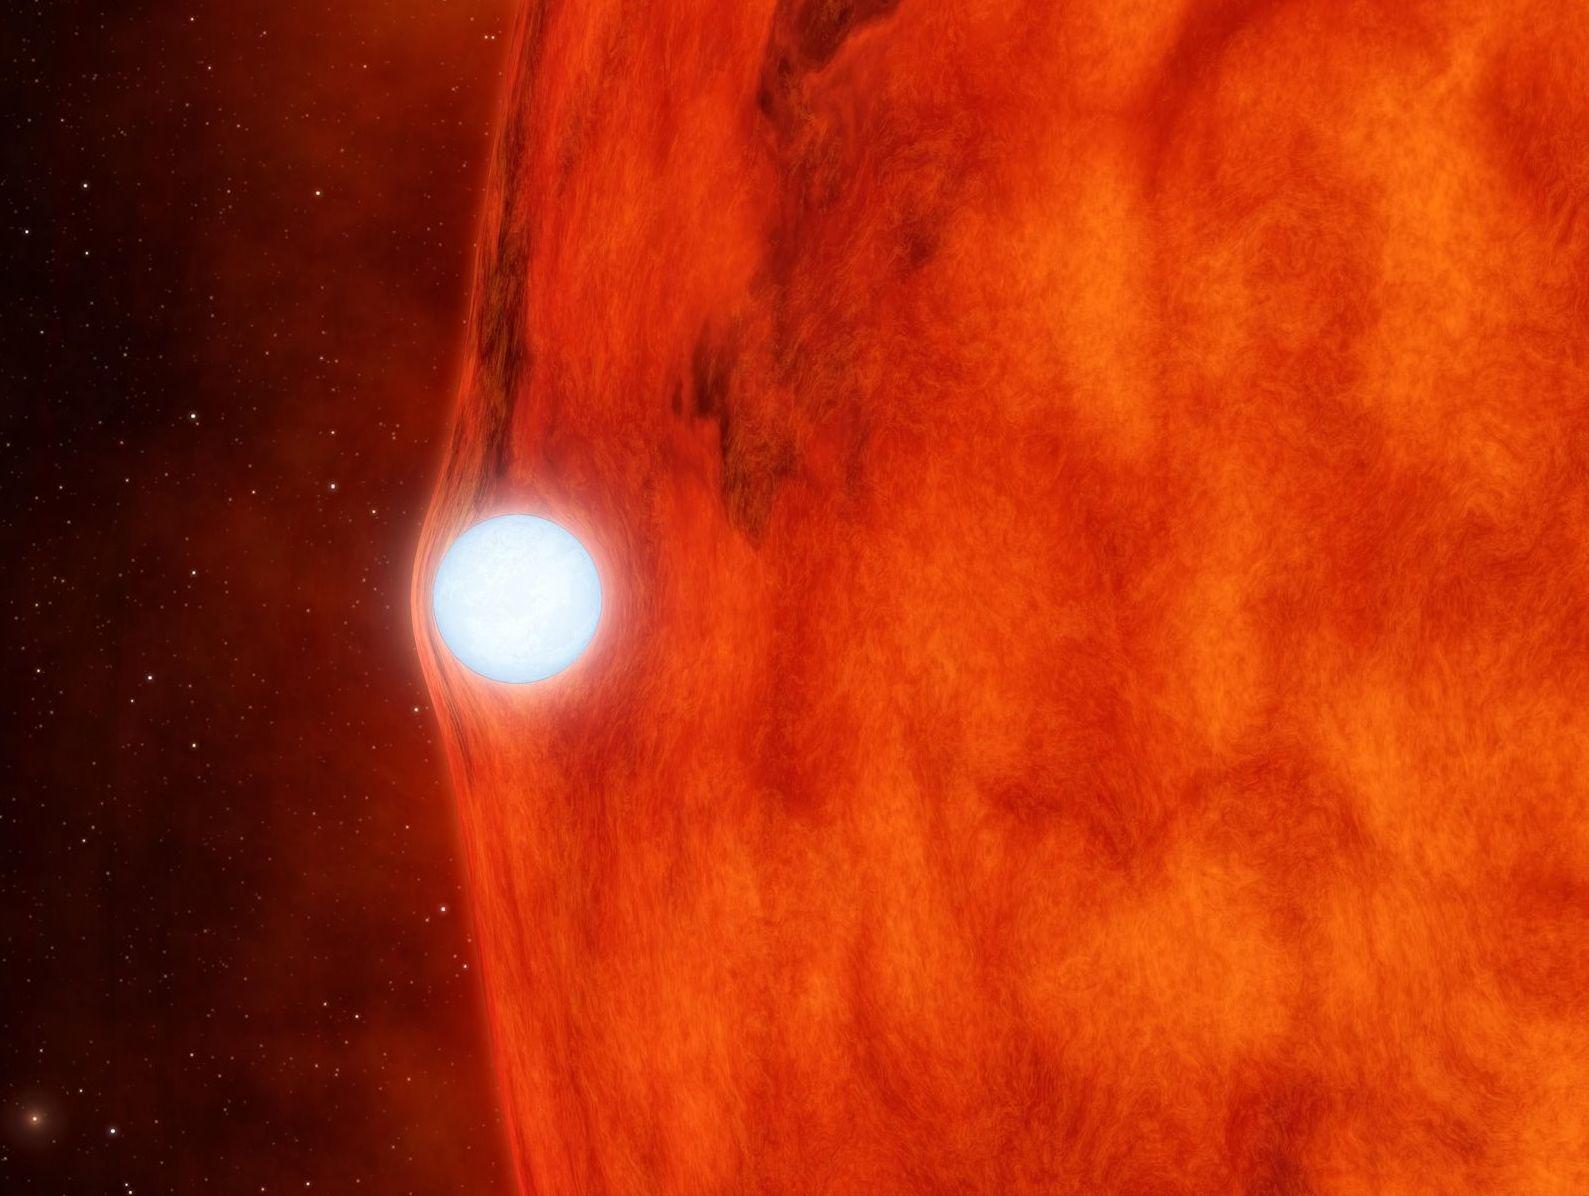 Representação de uma estrela anã branca